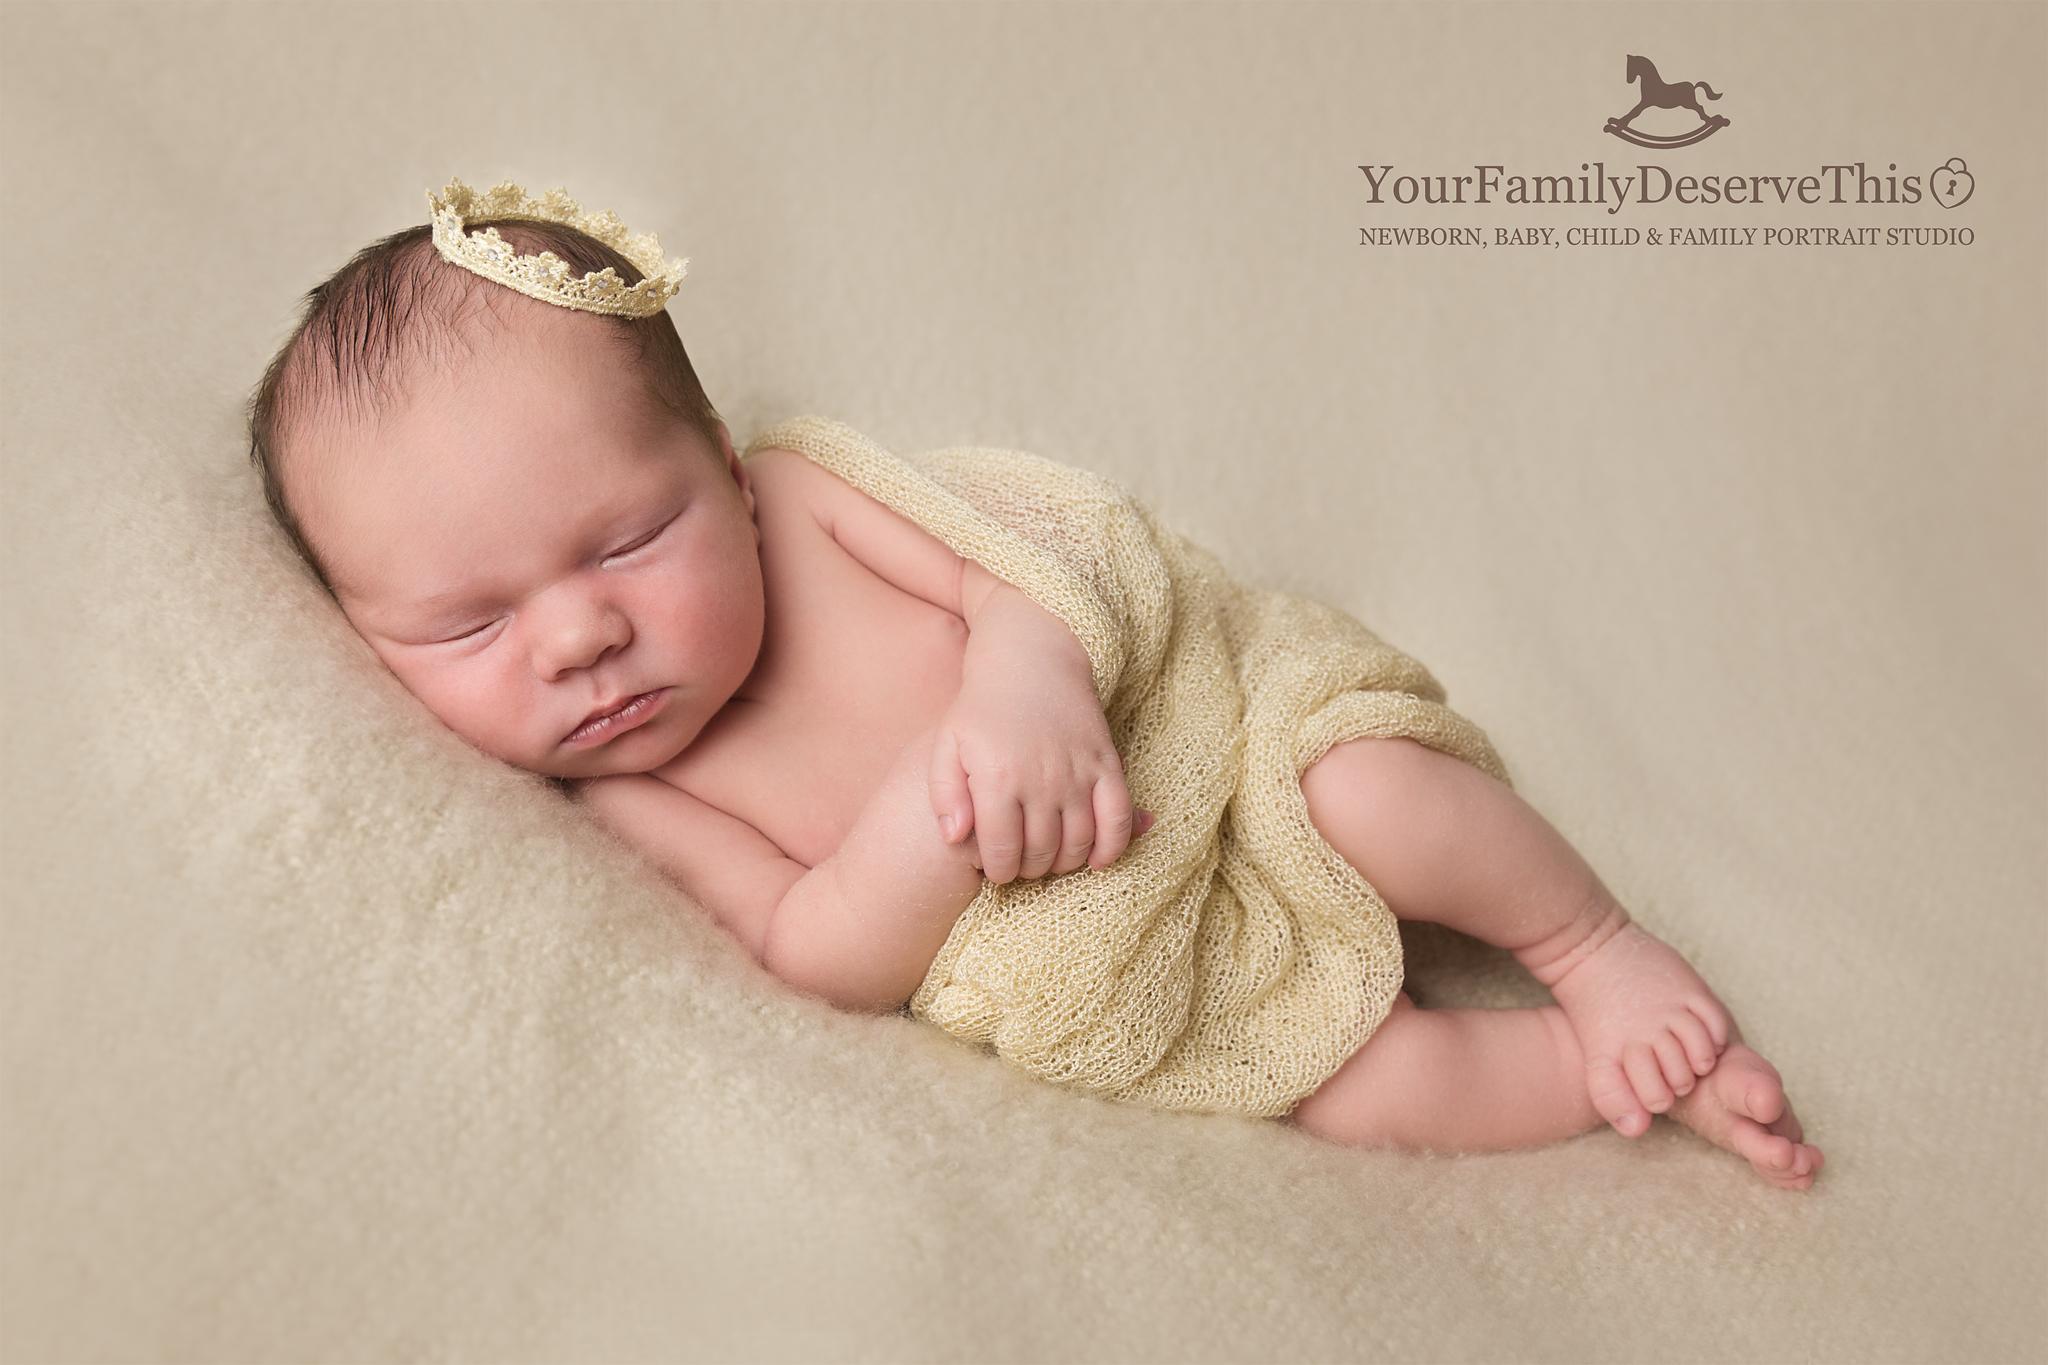 YourFamilyDeserveThis-Newborn-Photographer-Hampshire-UK